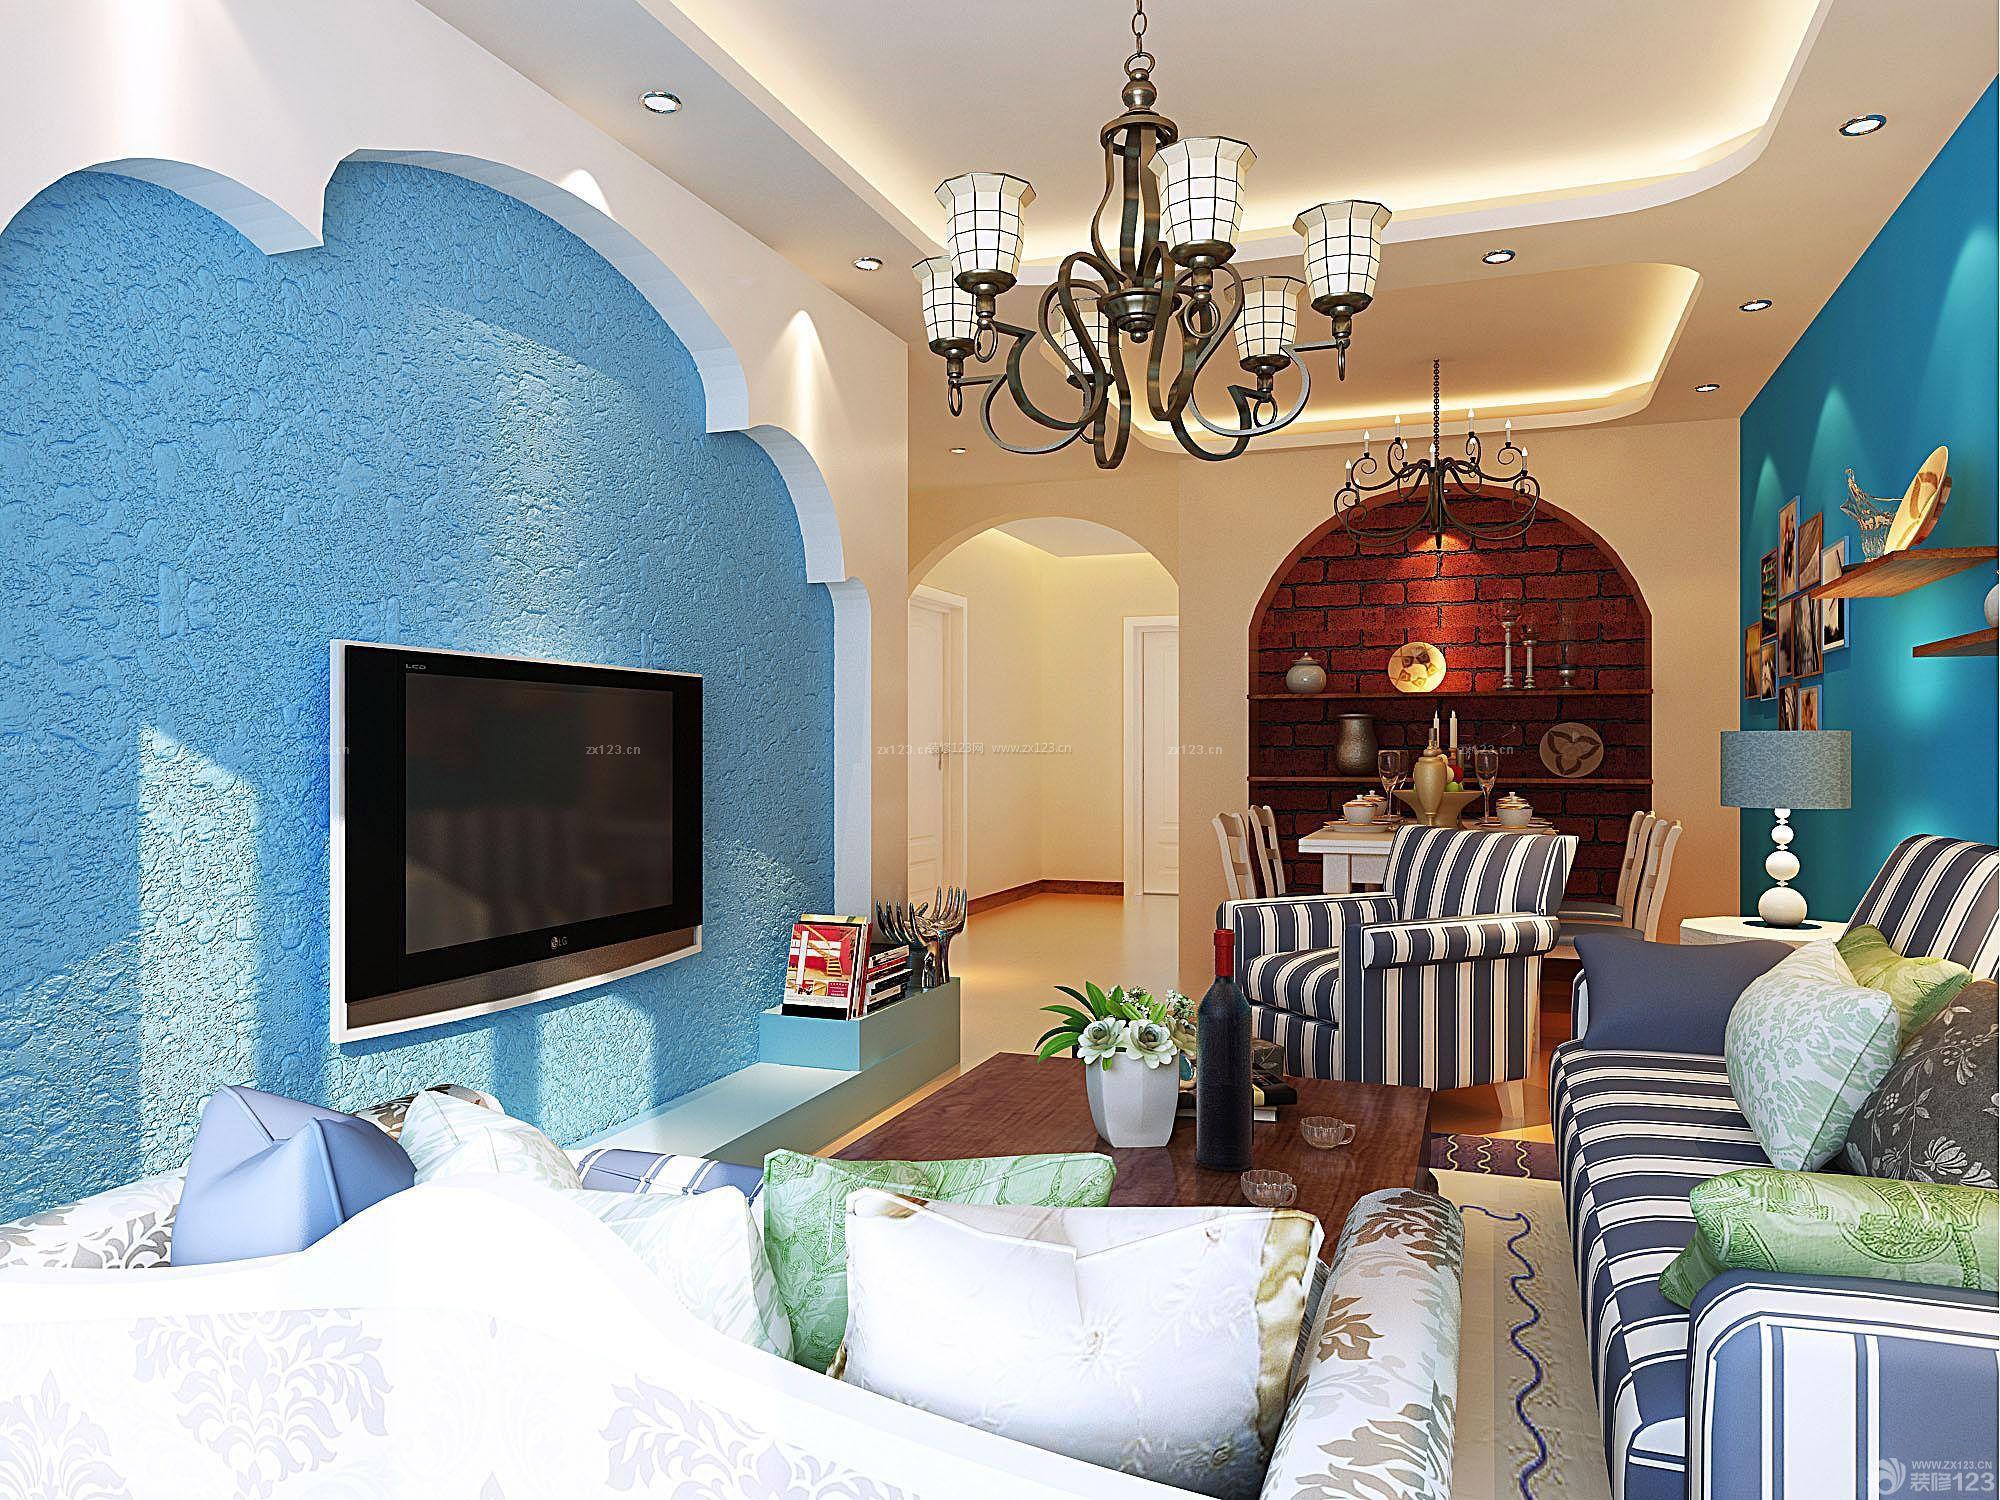 地中海风格客厅电视背景墙装潢效果图硅藻泥